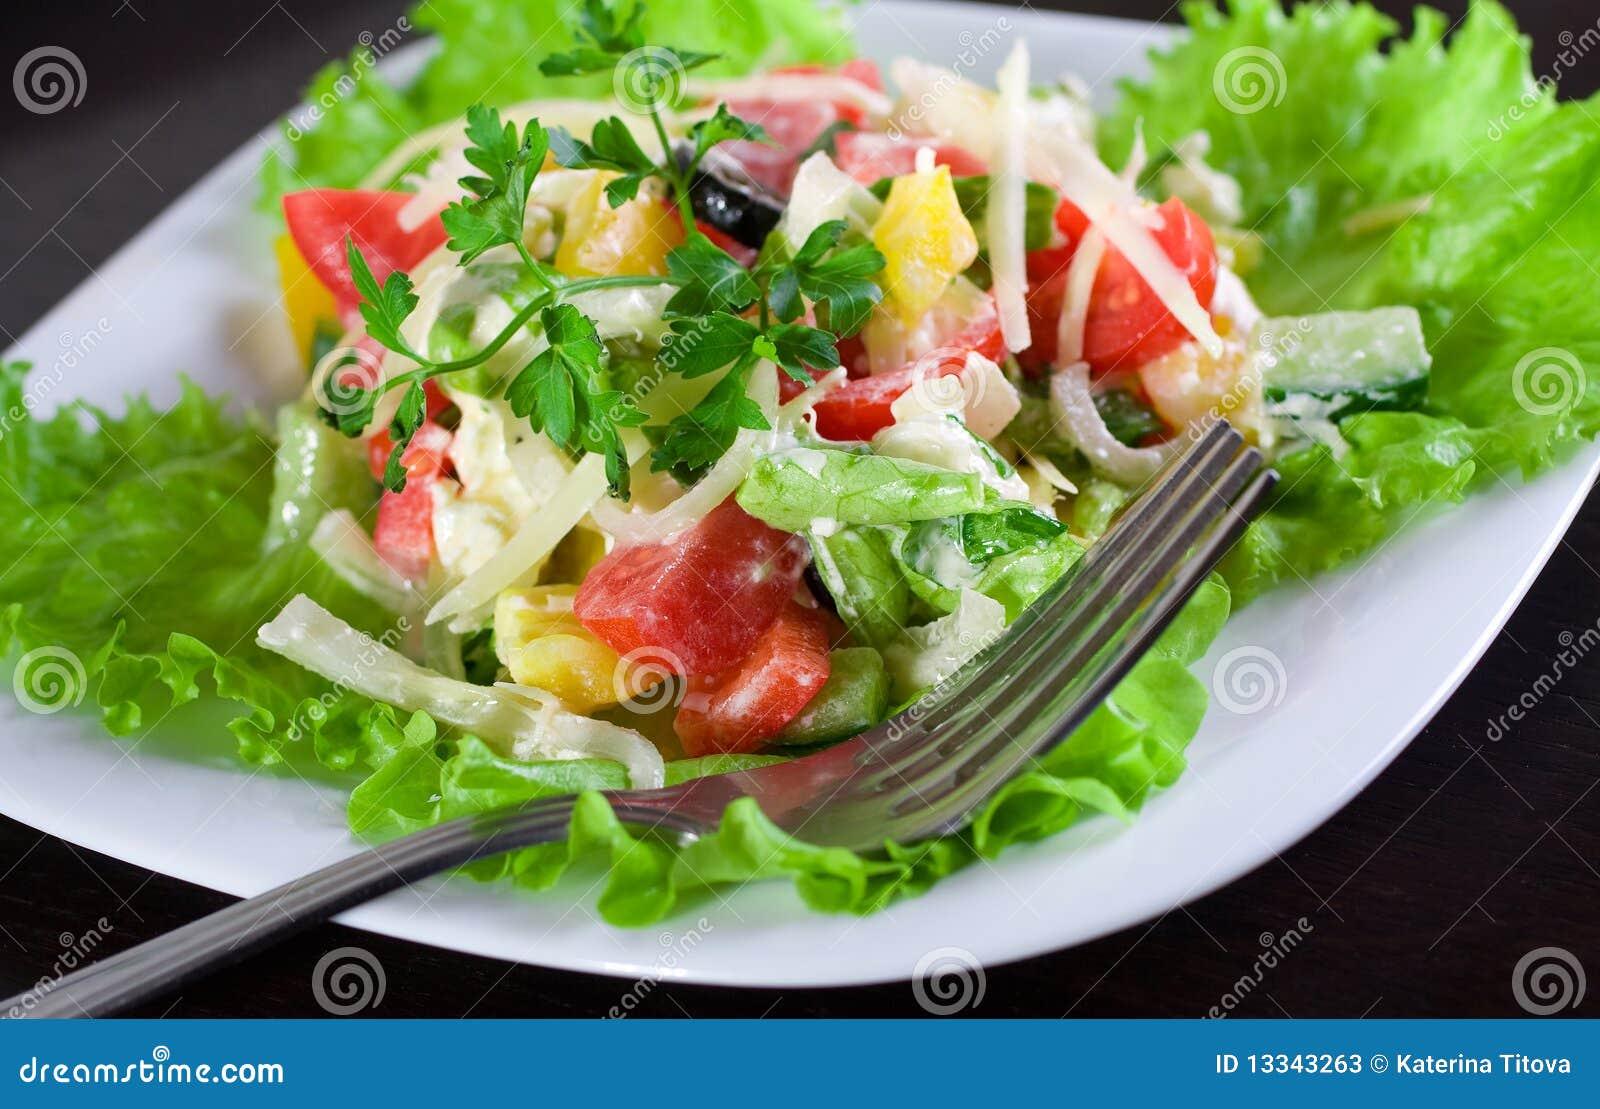 świeża grecka sałatka